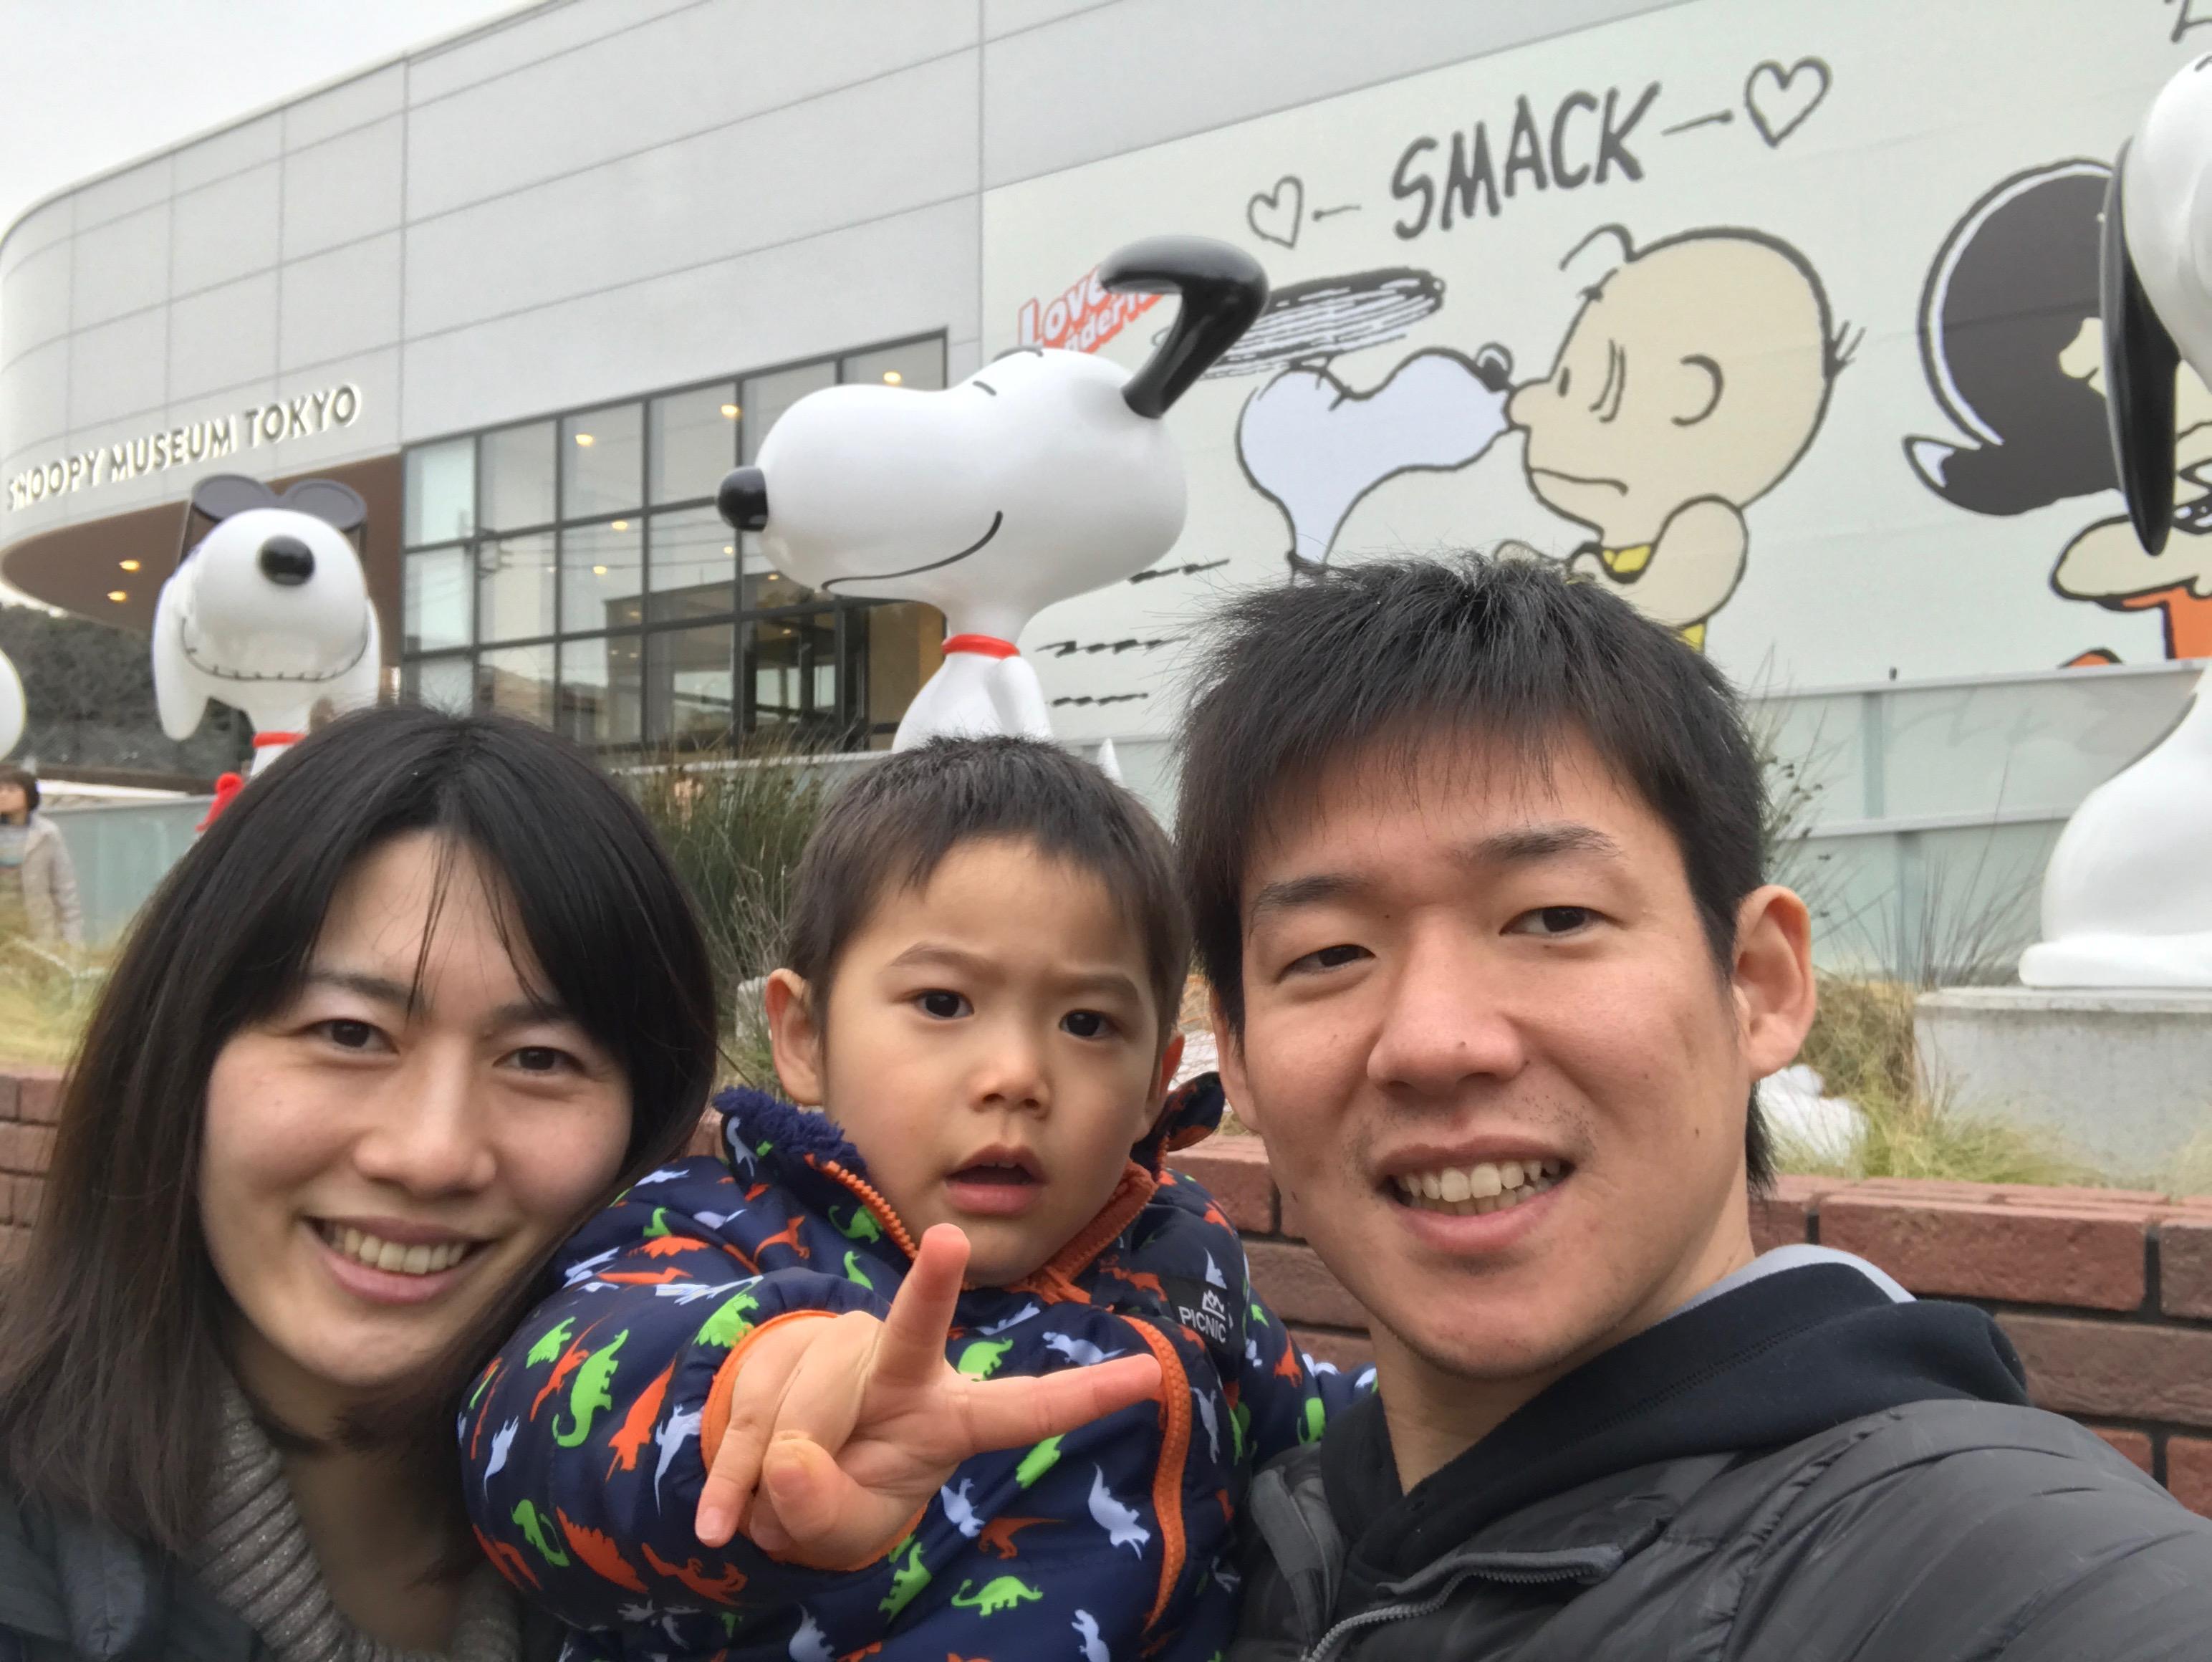 スヌーピーミュージアム in六本木